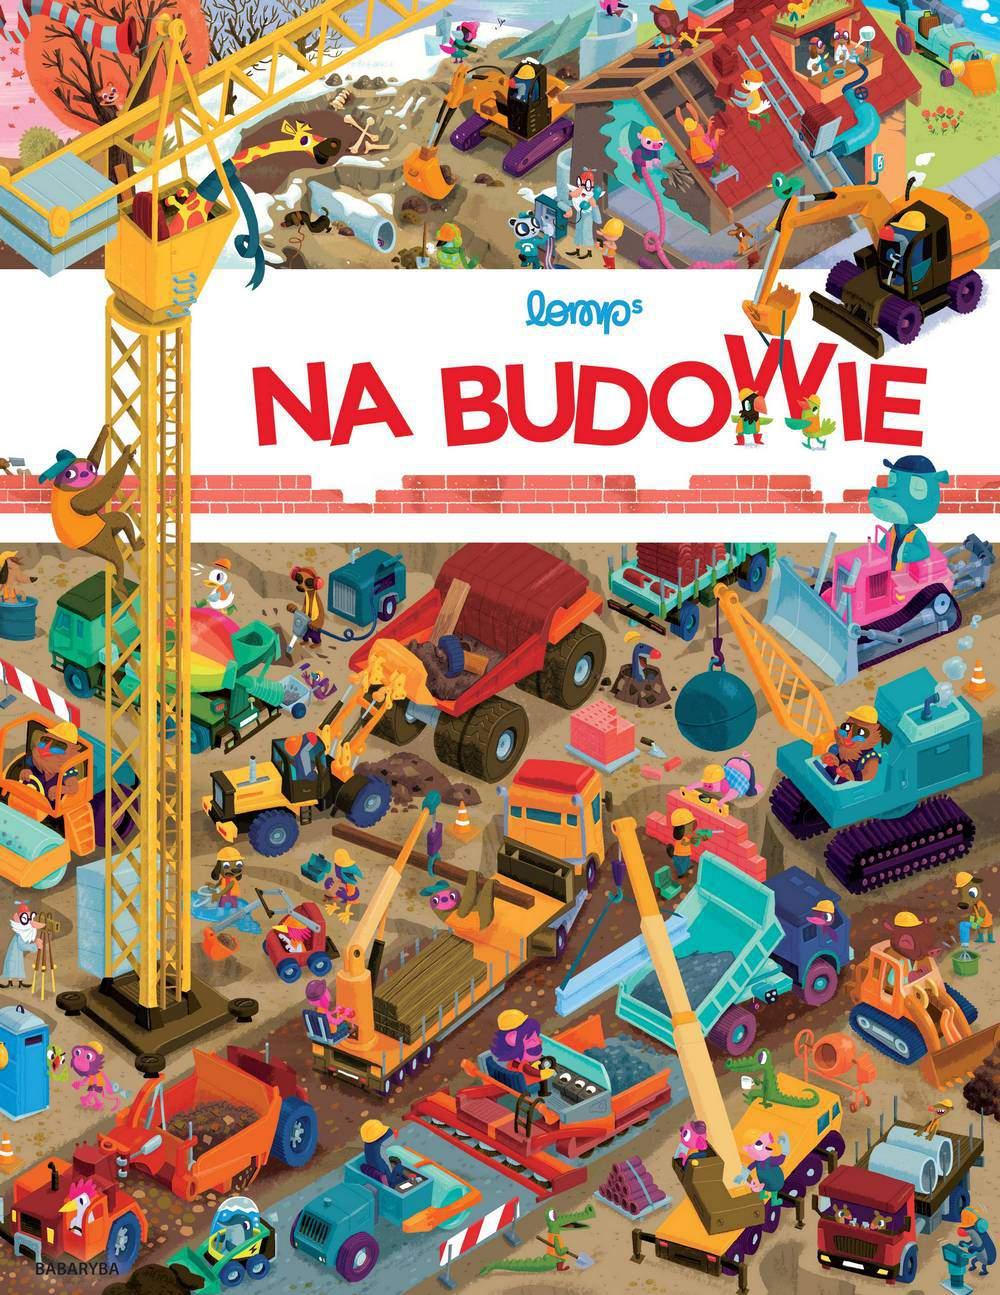 na-budowie-stephan-lomp_644